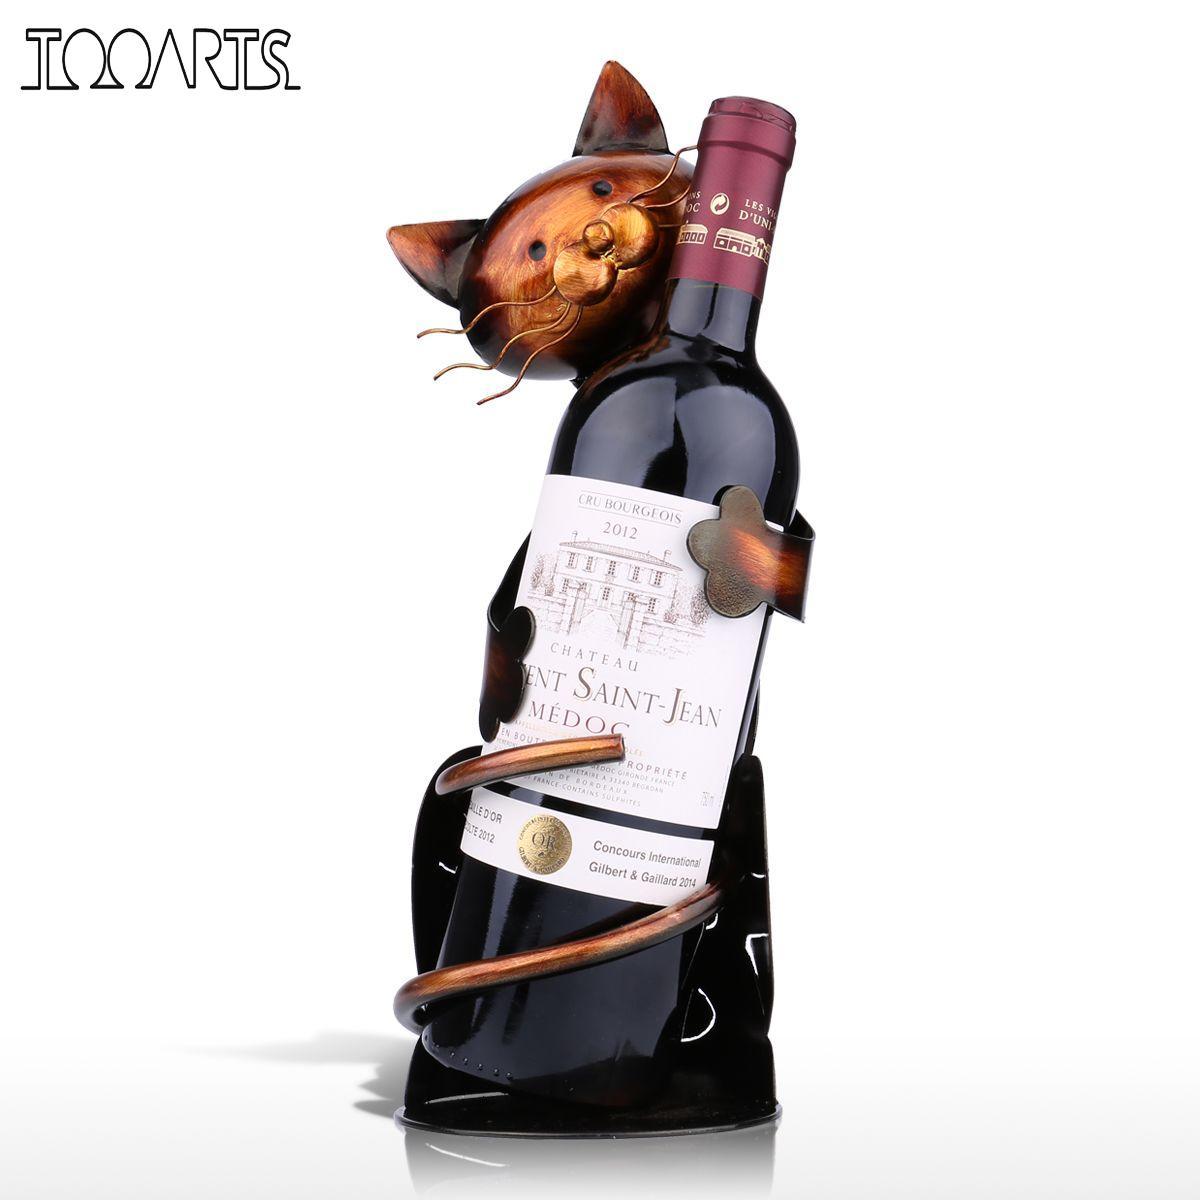 TOOARTS-حامل زجاجات للقطط ، تمثال معدني عملي ، ديكور منزلي ، حرف يدوية داخلية ، هدية الكريسماس